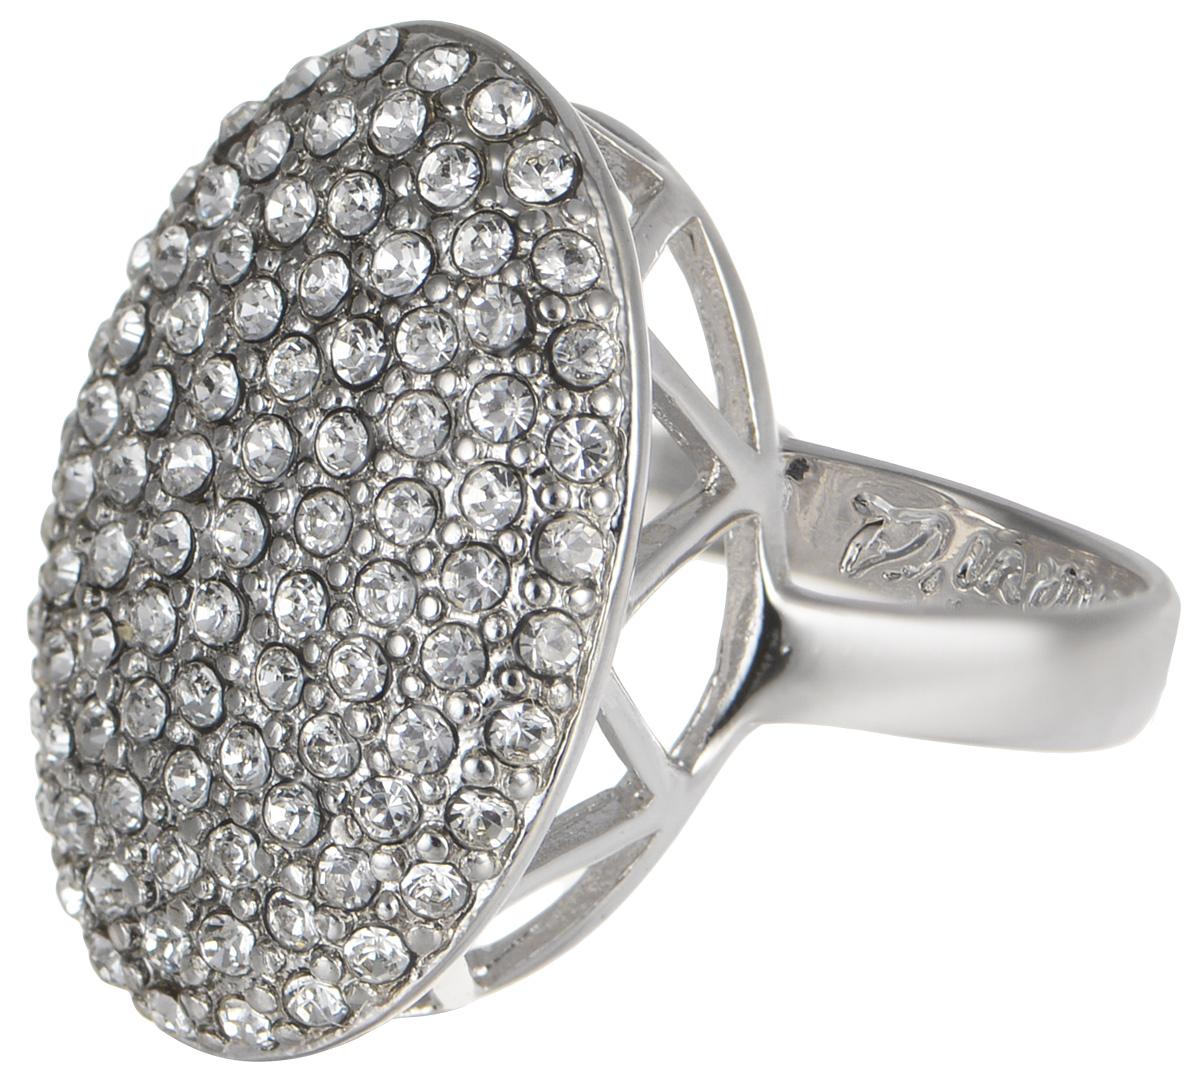 Кольцо Jenavi Мириада. Гросс, цвет: серебряный. r633f000. Размер 18Коктейльное кольцоКольцо Jenavi Гросс из коллекции Мириада изготовлено из гипоаллергенного ювелирного сплава с покрытием родием и украшено яркими кристаллами Swarovski. Это кольцо никогда не затеряется среди других ваших украшений, ведь сверкающие кристаллы Swarovski и покрытие из настоящего родиявыглядят роскошно и очень дорого. Кроме того, его изысканный дизайн так выгодно подчеркивает достоинства кристаллов, что они не уступают своей красотой драгоценным камням.В новой коллекции Мириада - бесчисленное количество кристаллов Swarovski разных размеров, цветов и оттенков. Они вдохновляют - на романтическое настроение, на смелые поступки, на позитивные эмоции. Они придают новое толкование всем известной истины - красоты никогда не бывает много!Мириада от Jenavi - удовольствие, которое может длиться вечно.